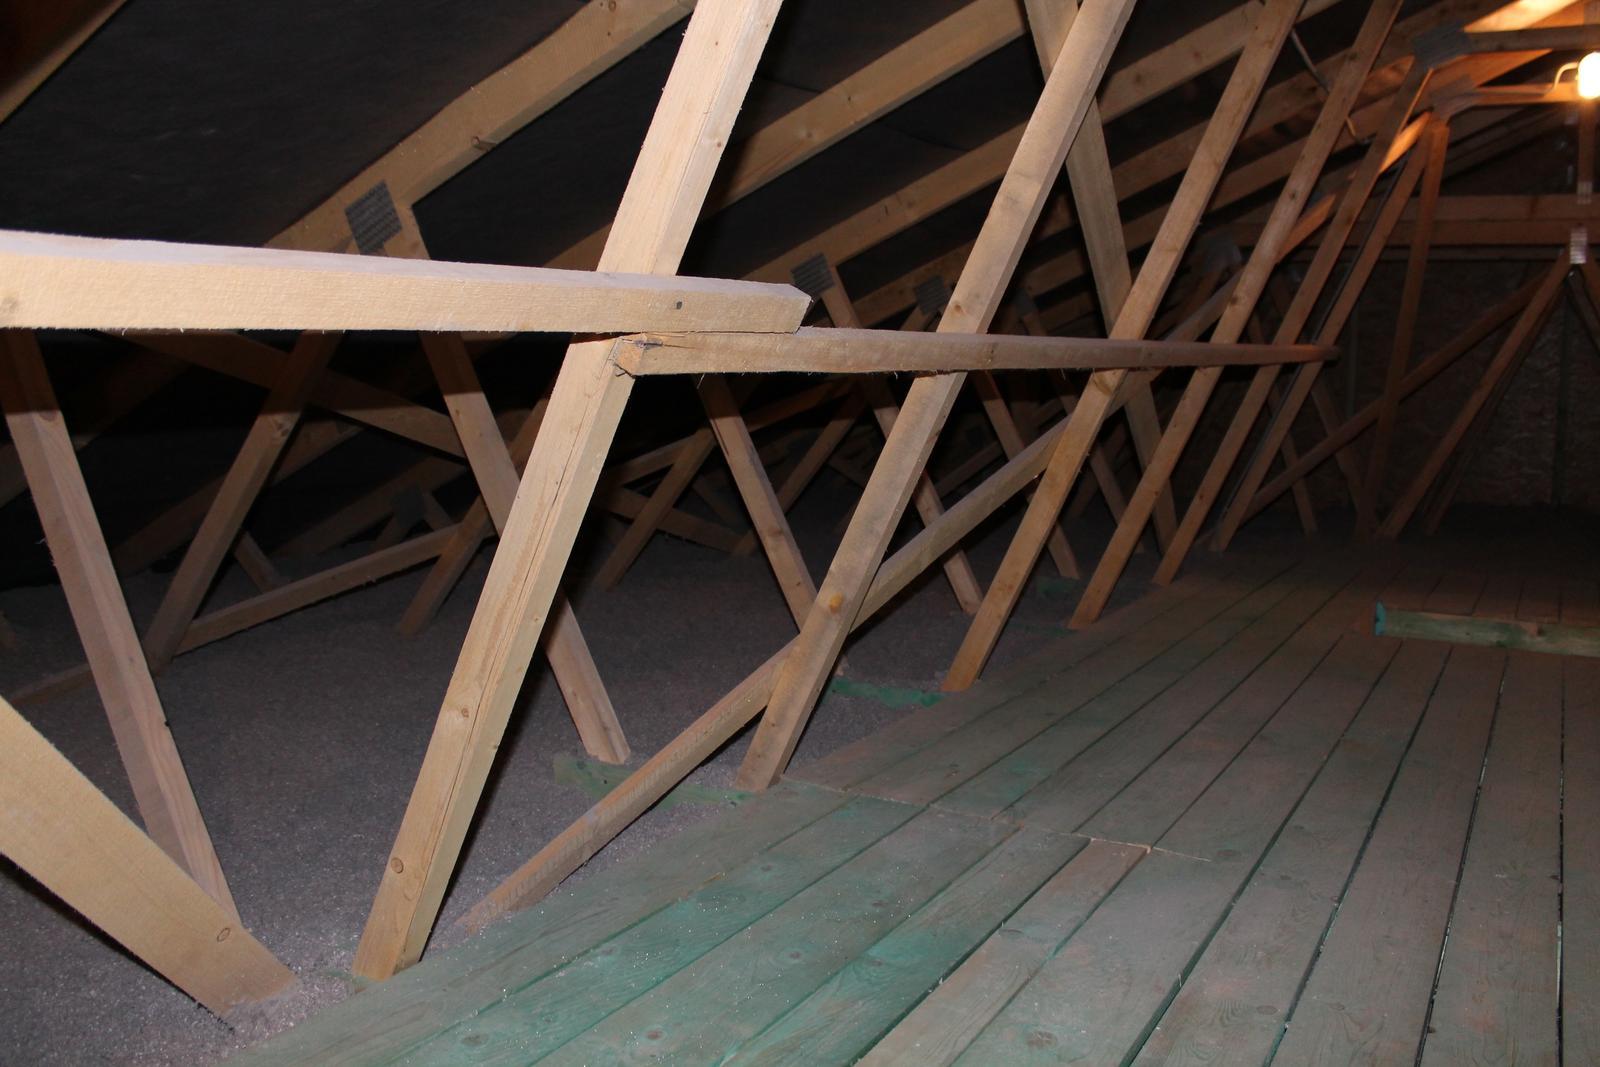 Pochôdzkna povala + fúkaná izolácia CLIMATIZER PLUS - Po aplikácií fúkanej izolácie CLIMATIZER PLUS. Celistvá vrstva bez tepelných mostov. Izolácia sa dostane do každého kríža väzníkového krovu.